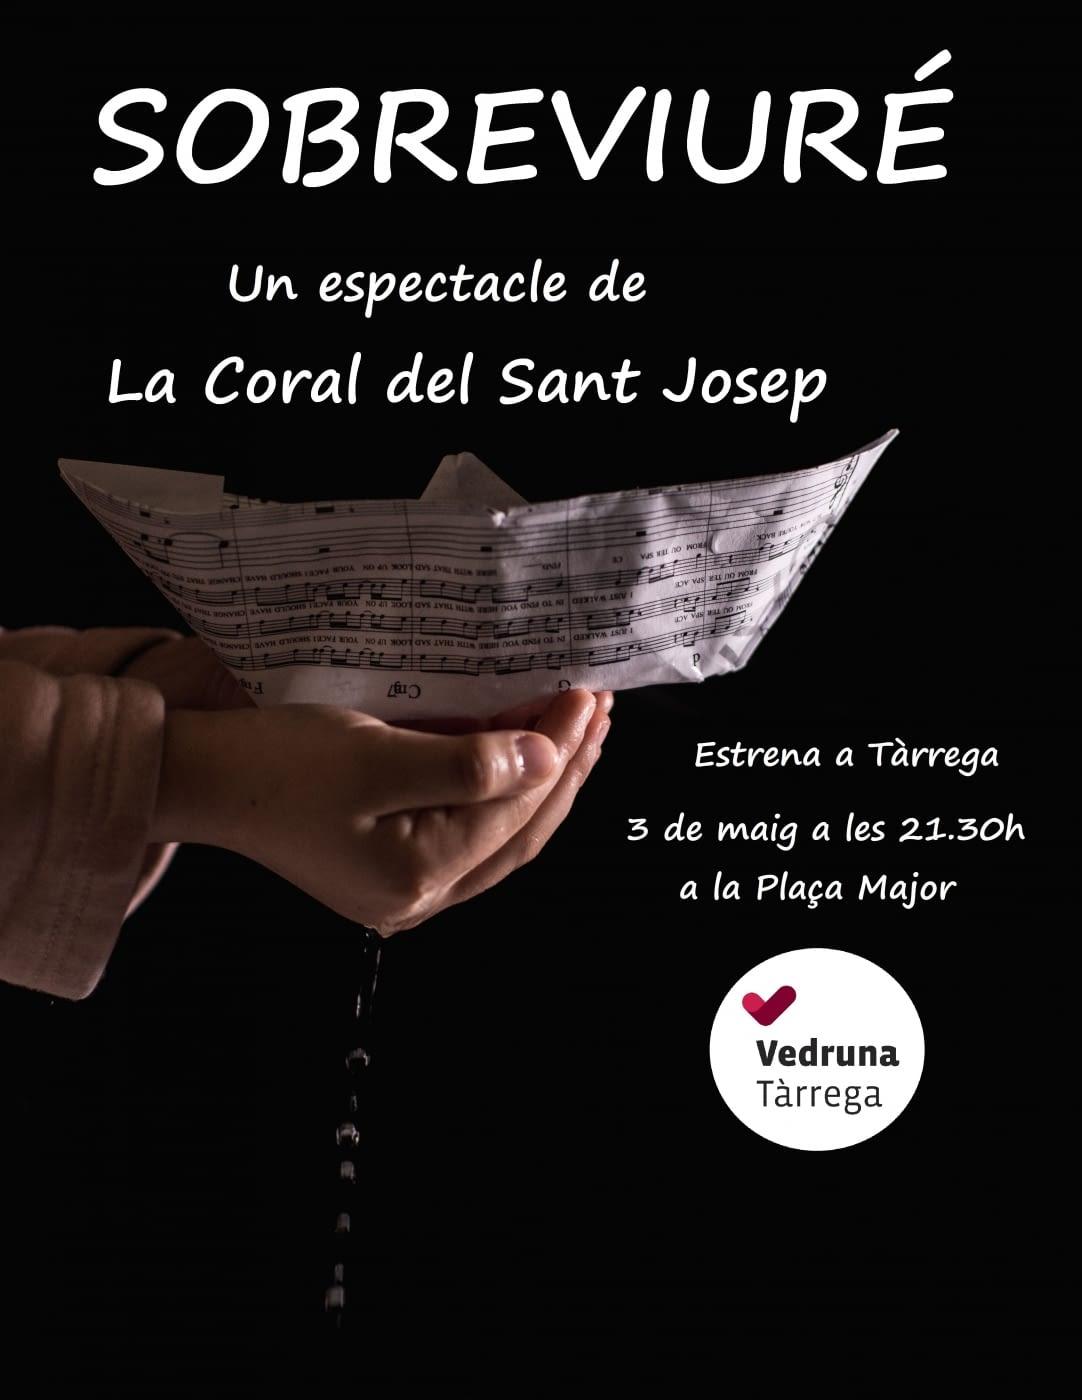 Les corals de l'escola Sant Josep de Tàrrega estrenaran l'espectacle Sobreviuré